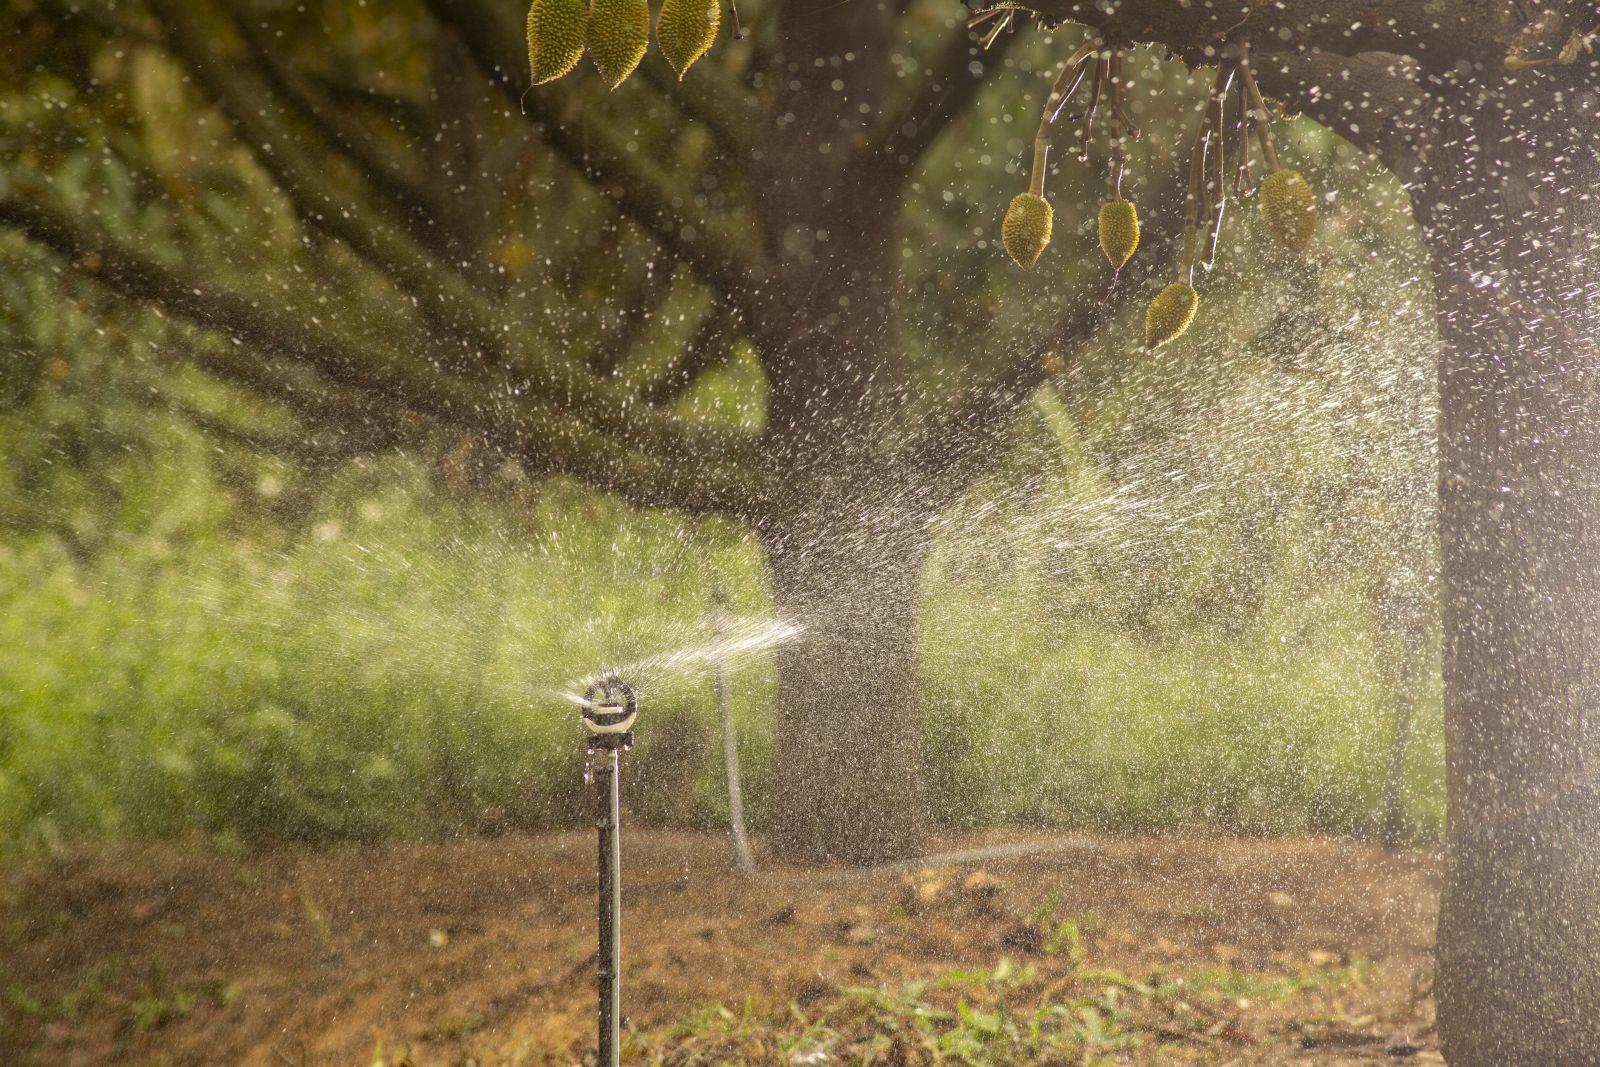 Béc tưới bù áp BSSUPER tưới cho cây sầu riêng